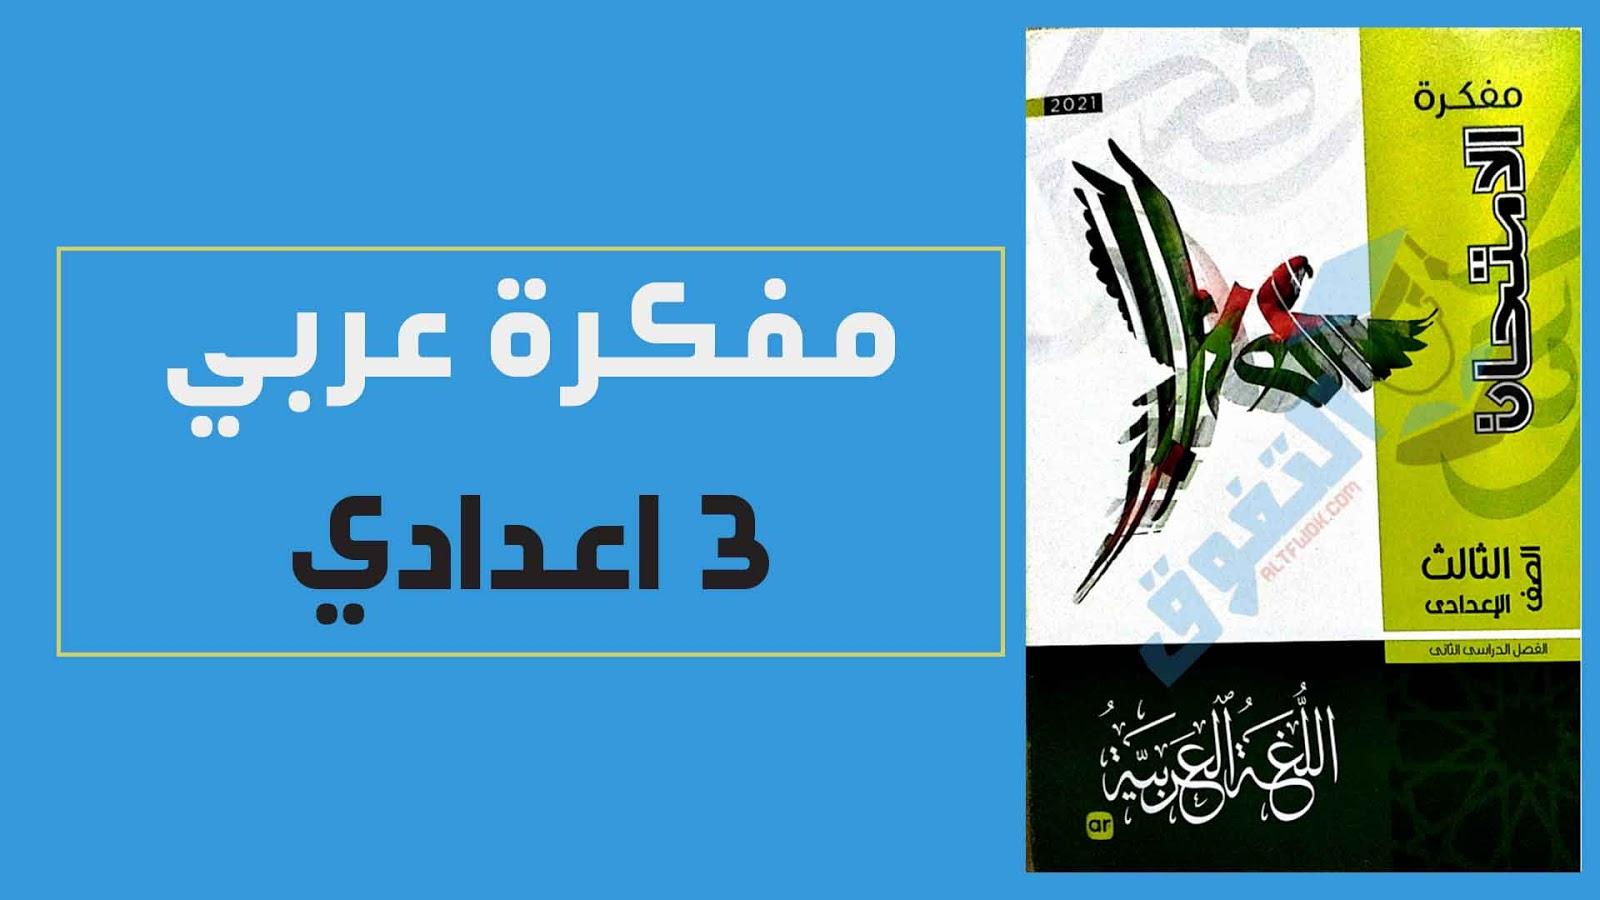 تحميل مفكرة كتاب الامتحان فى اللغة العربية للصف الثالث الاعدادى الترم الثانى 2021 pdf